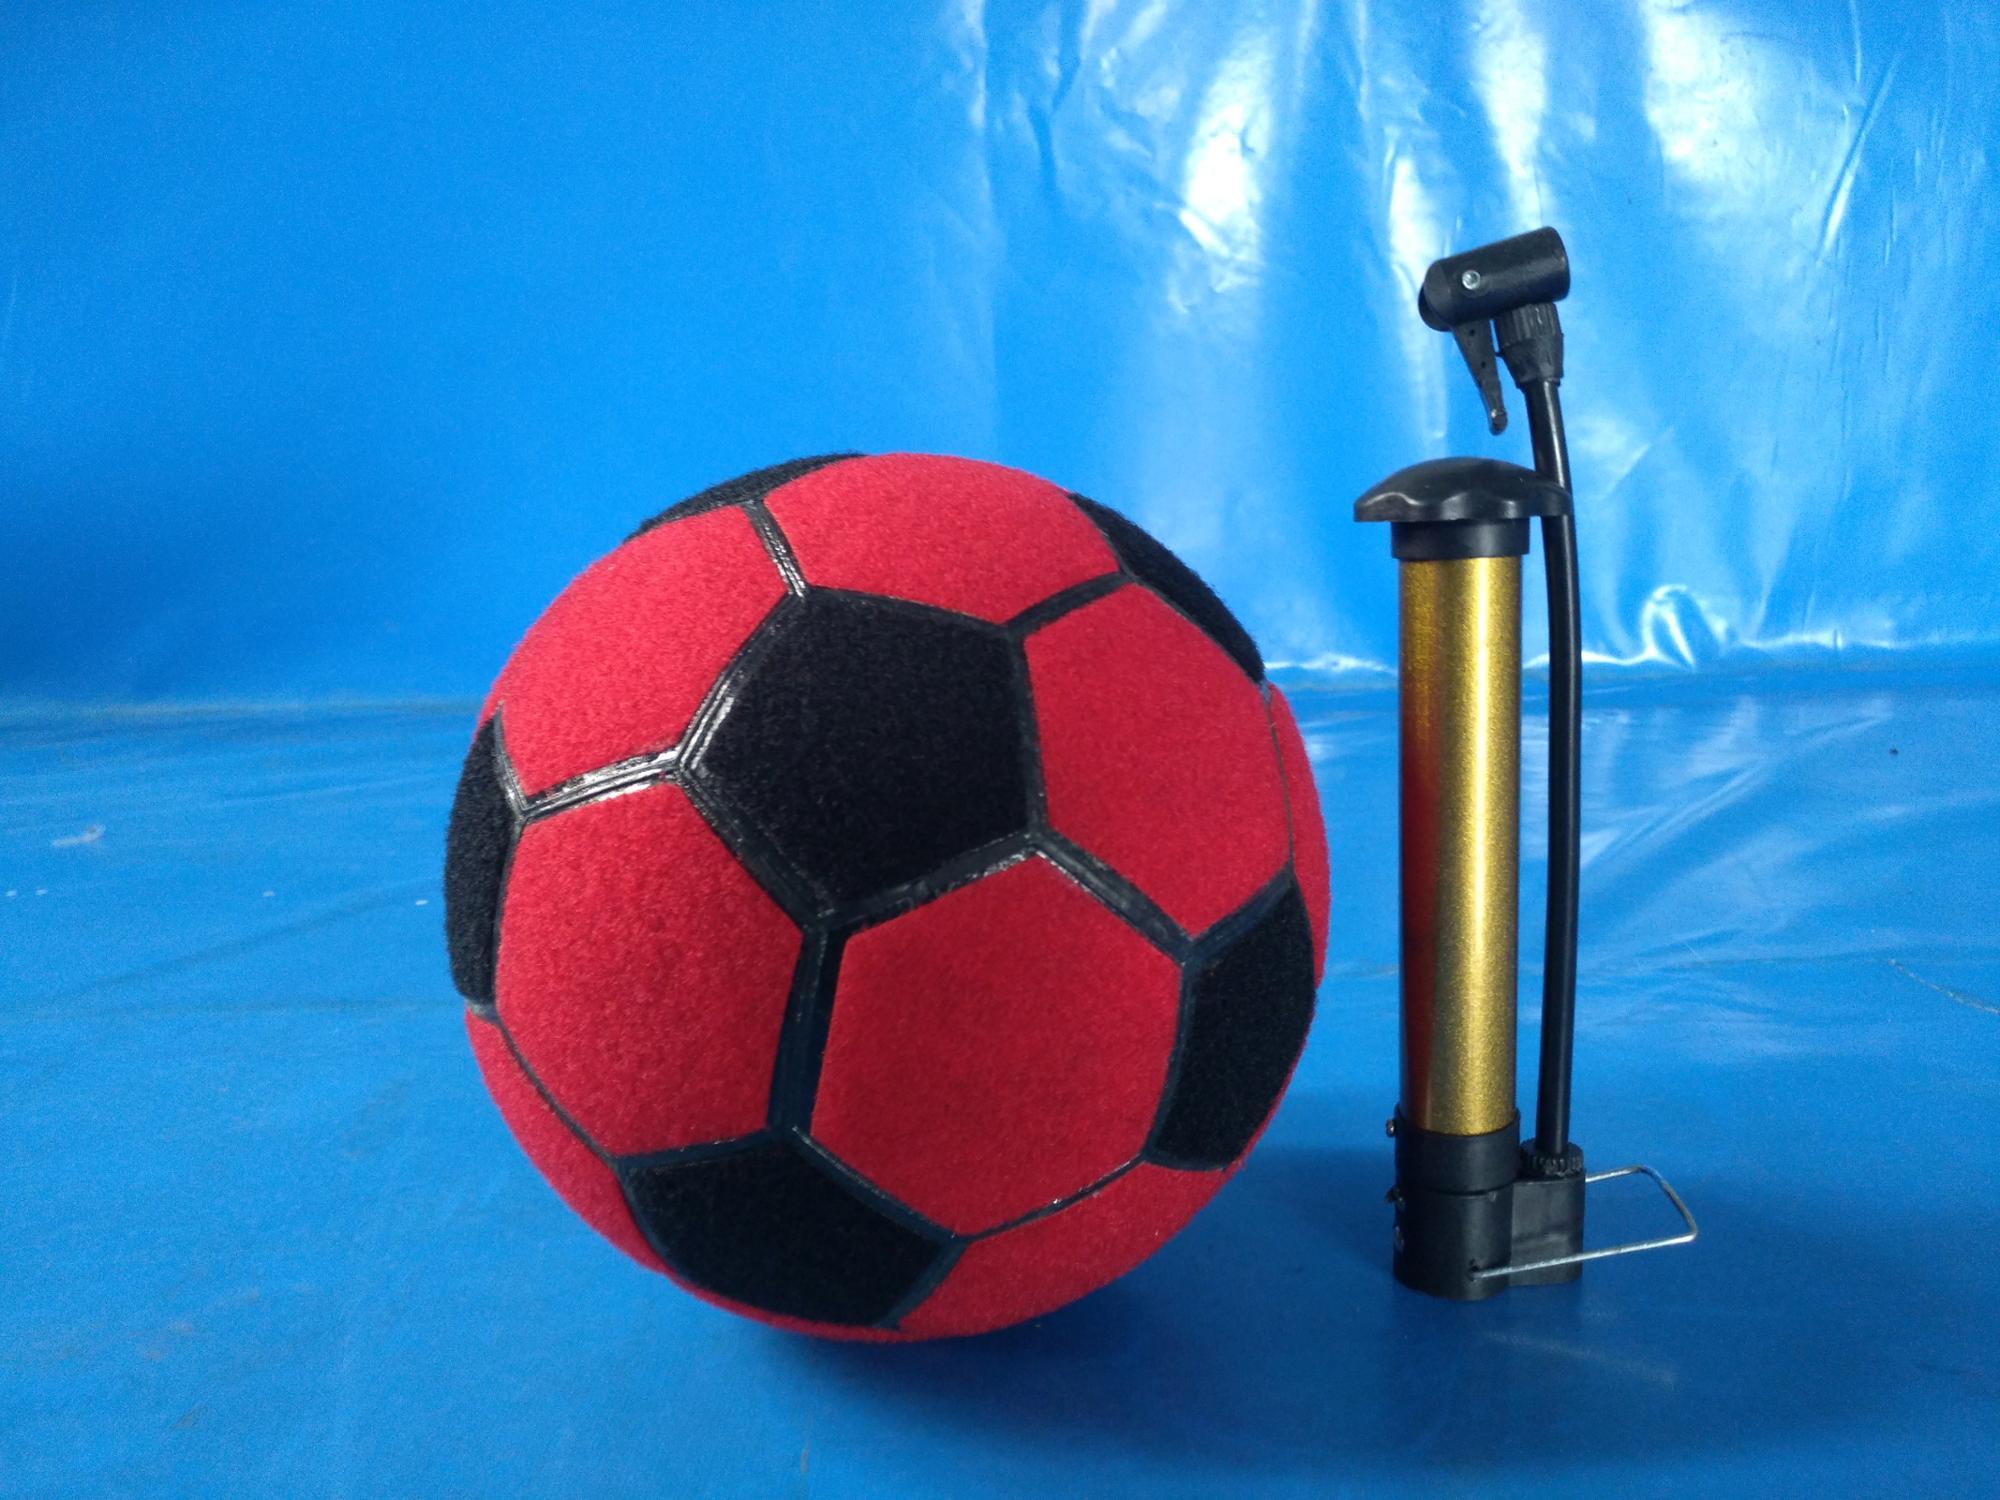 накачивание футбольного мяча